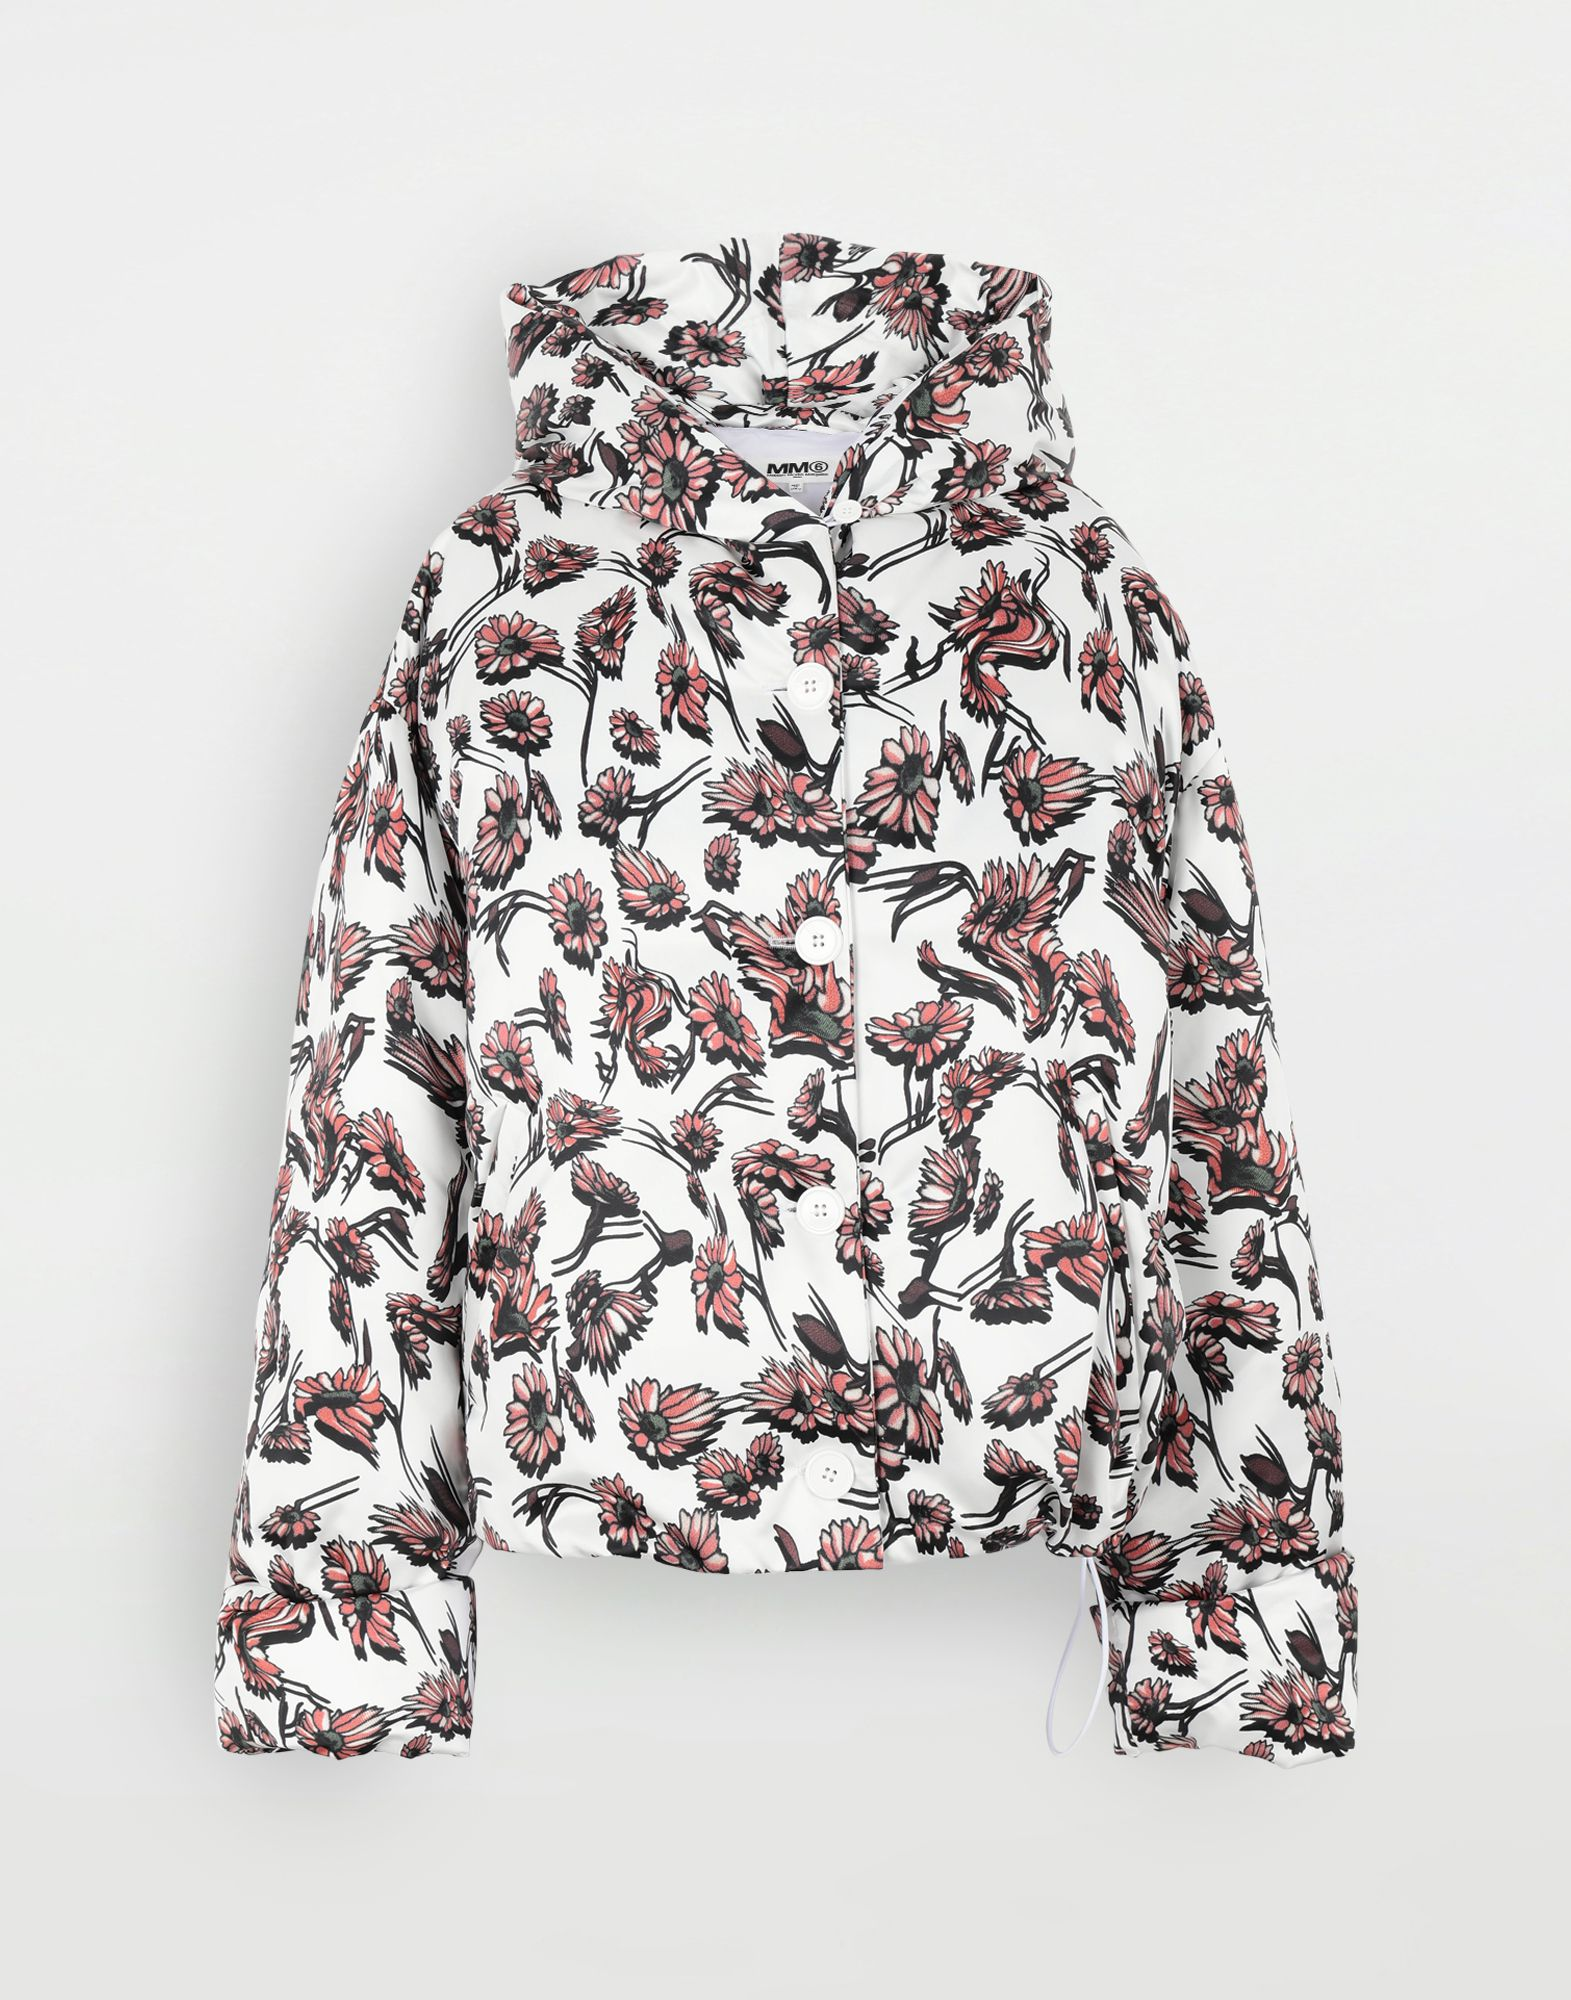 MM6 MAISON MARGIELA Утеплённая куртка с цветочным мотивом Куртка Для Женщин f